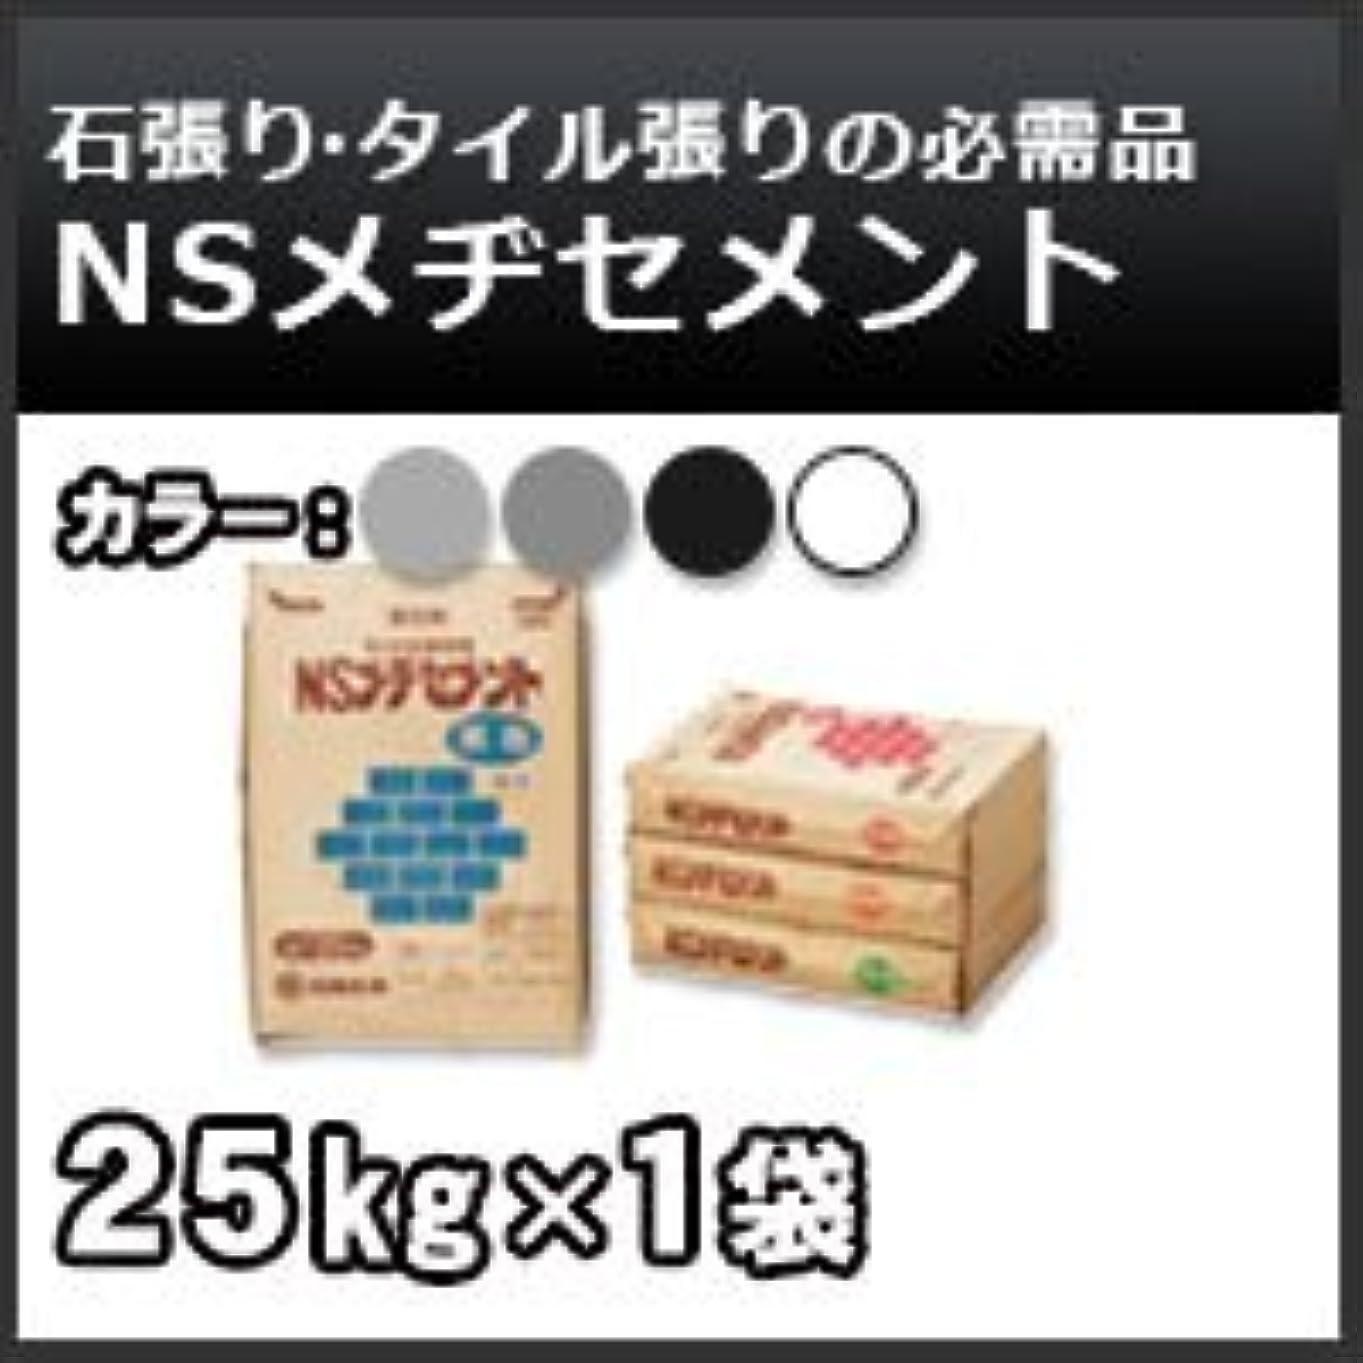 振り向くディレクターさておき日本化成 NSメヂセメント(目地セメント)タイル化粧目地材 25kg 濃灰色